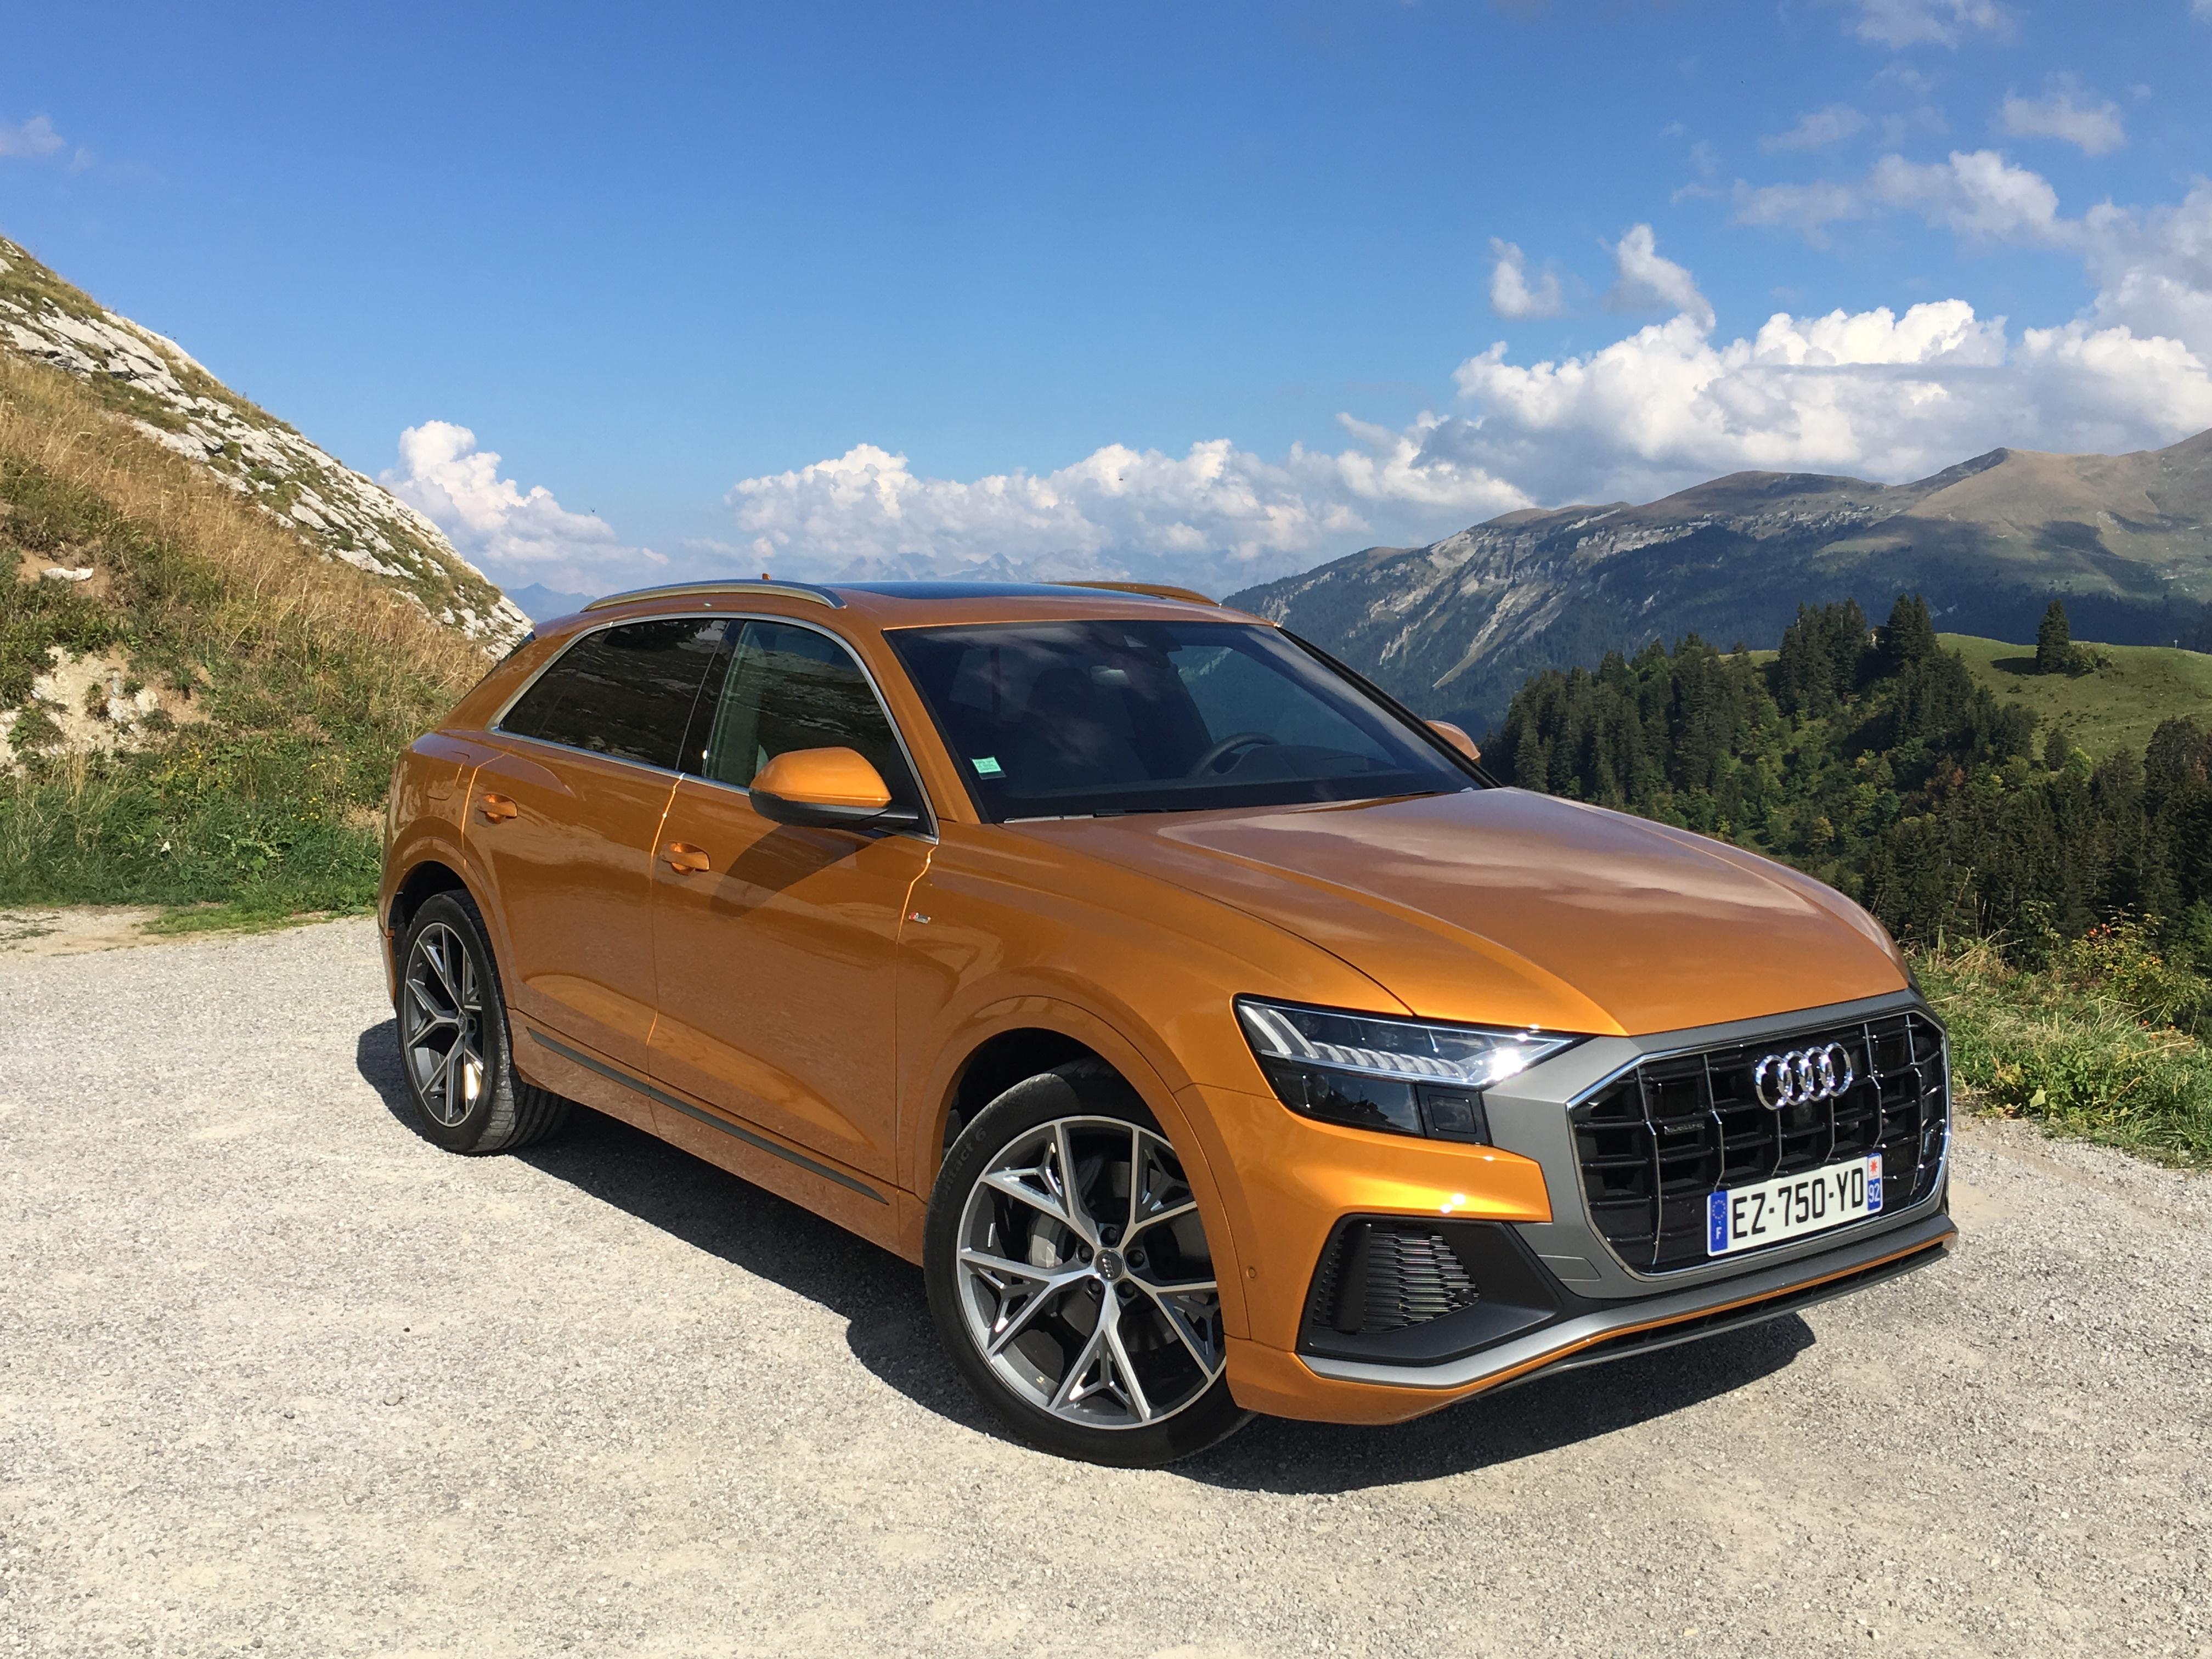 Audi q8 les premières images de lessai en live impressions de conduite